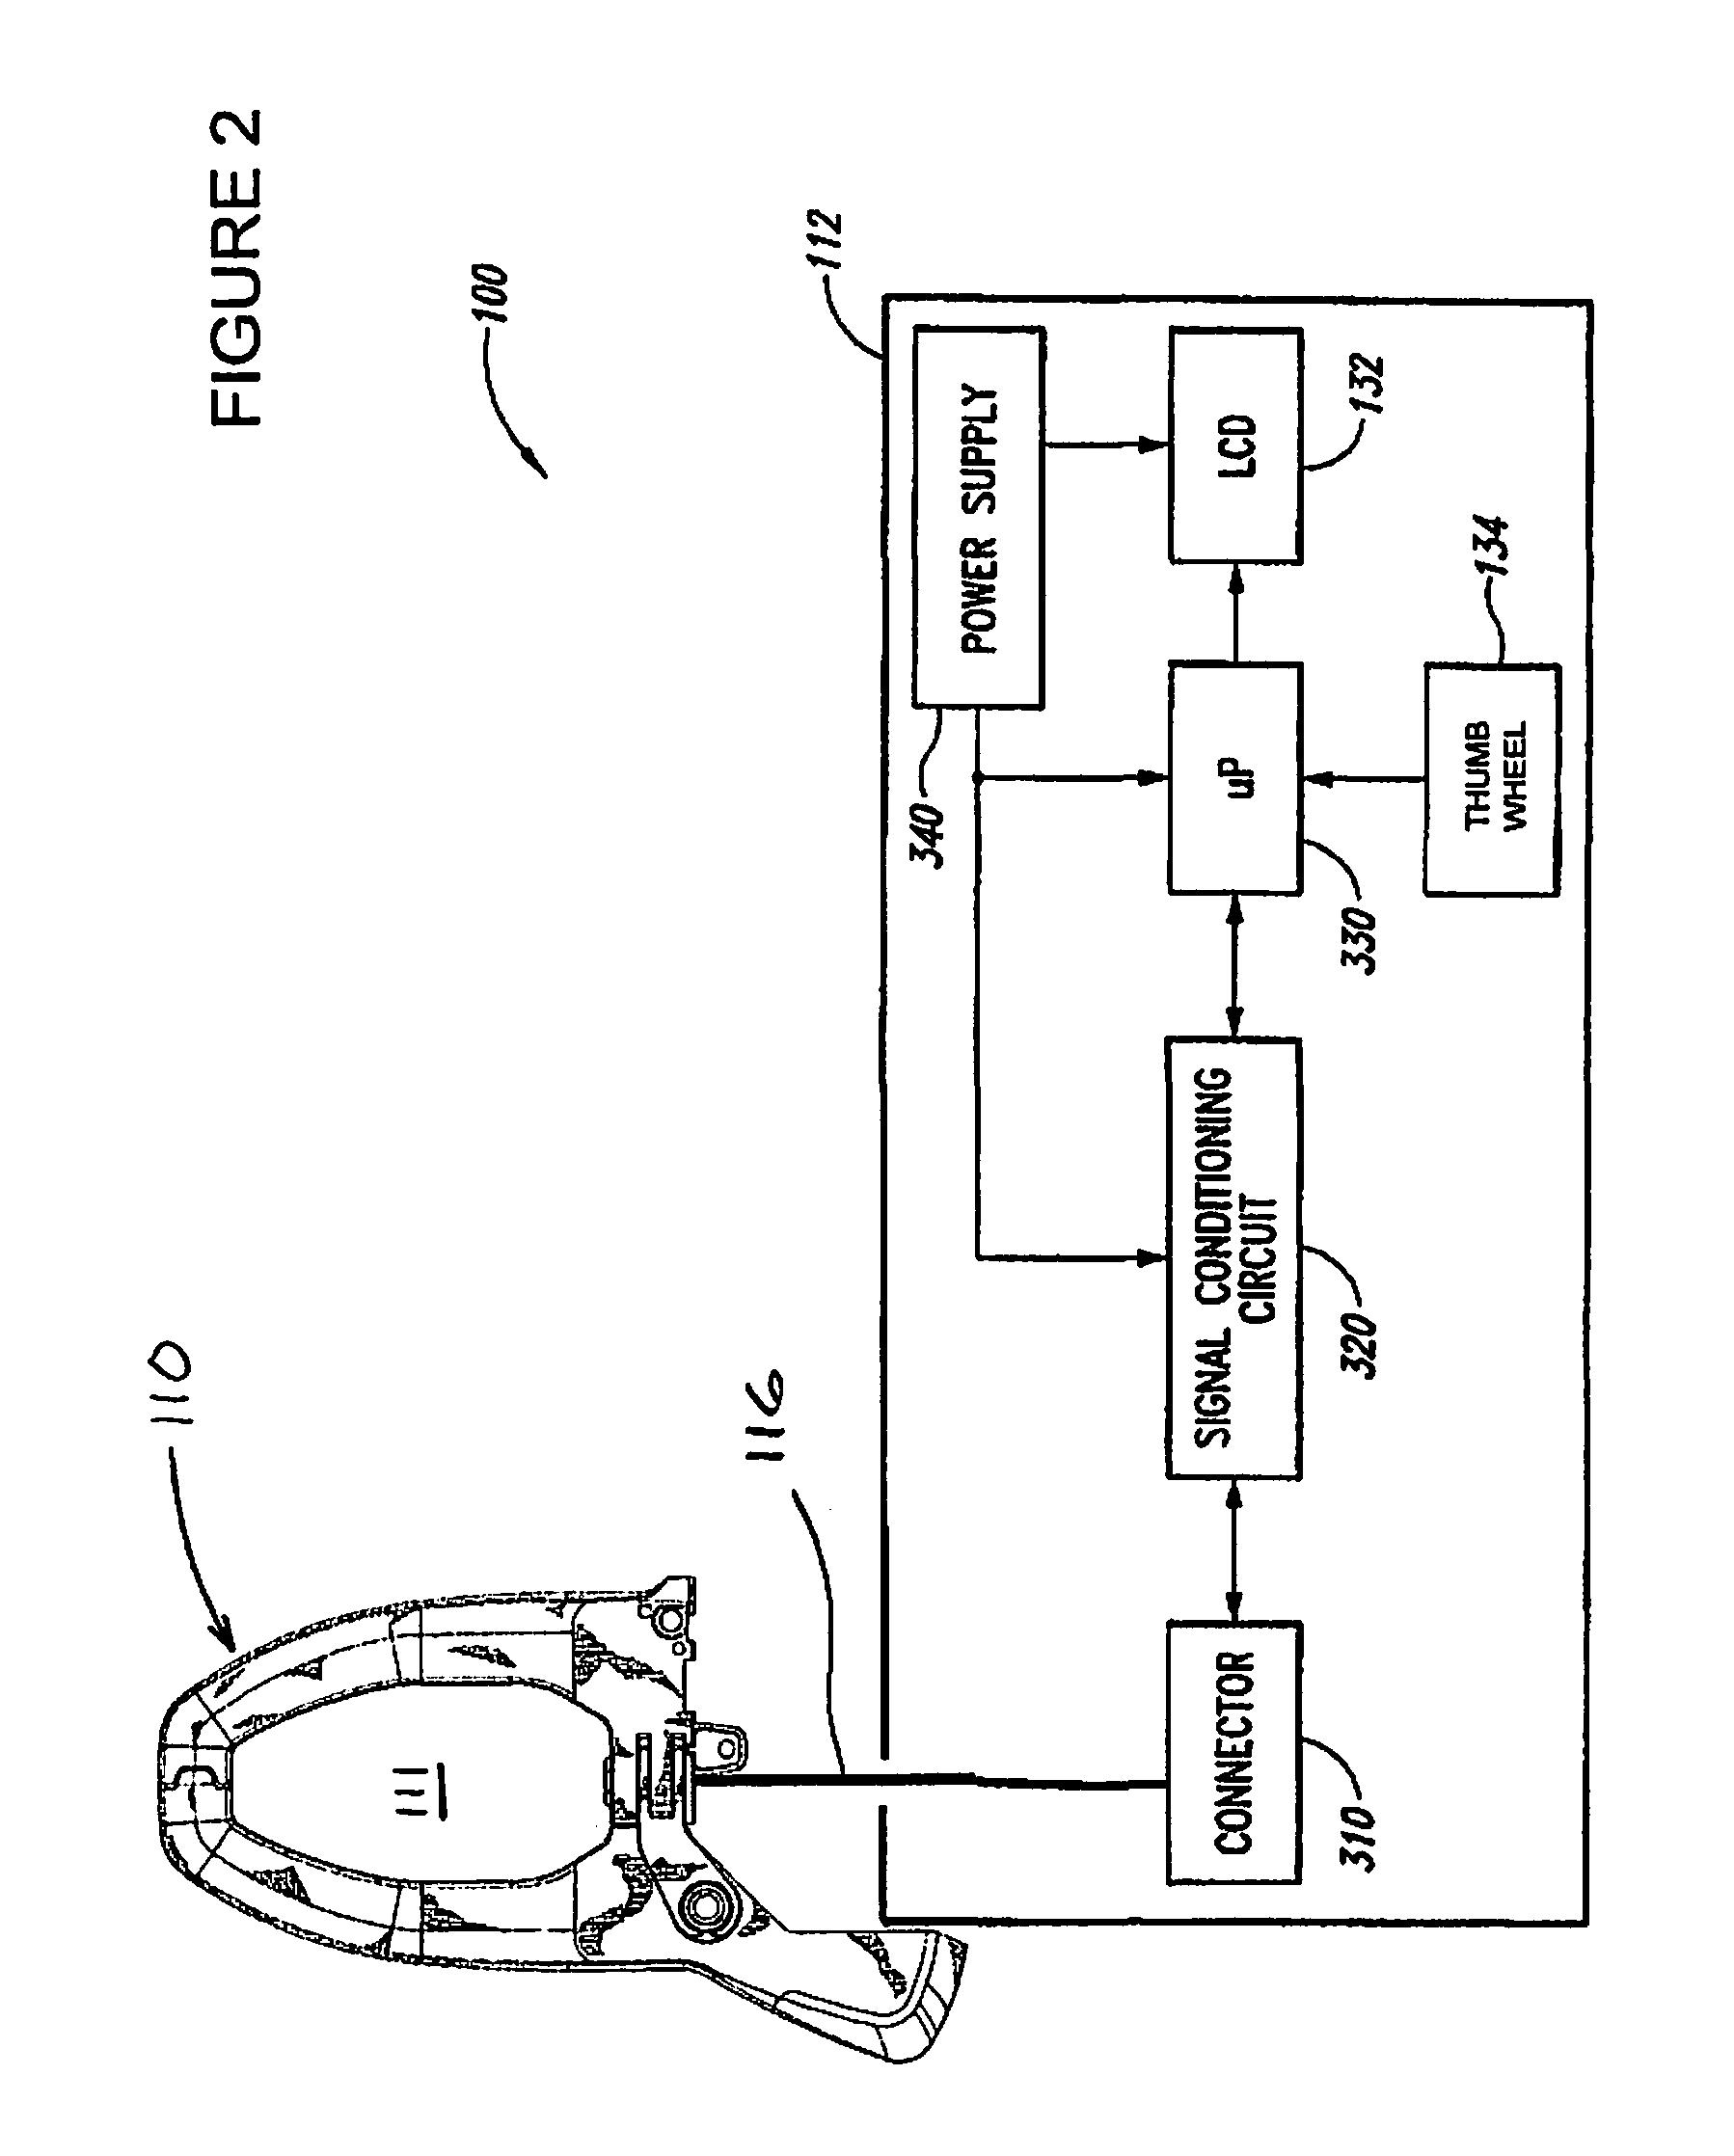 Meter Circuit Diagram